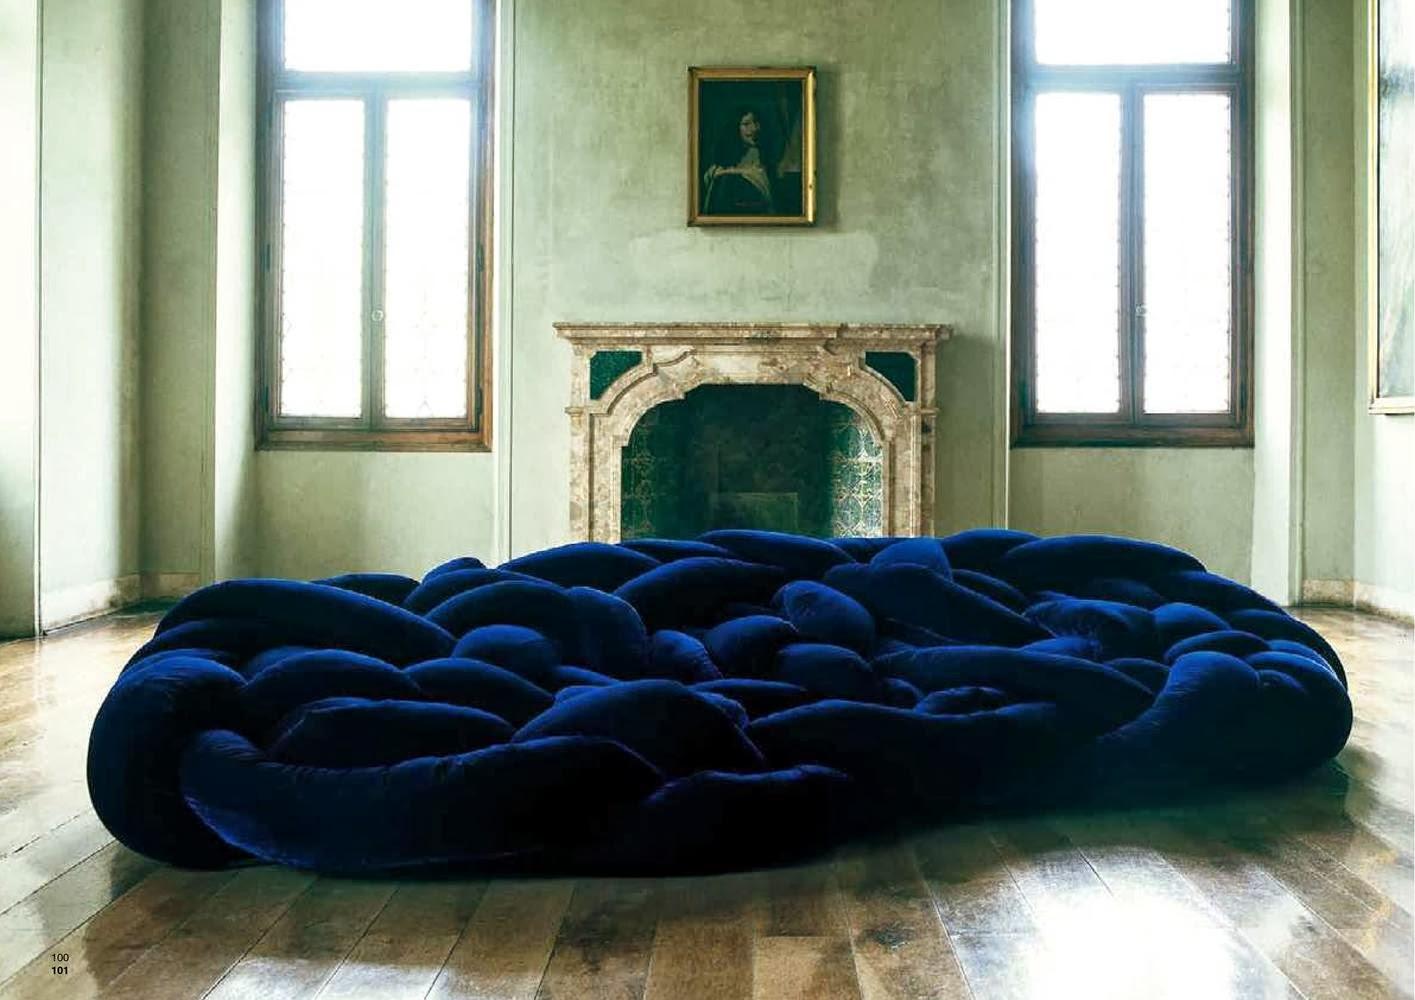 La casa dove si trova il cuore il divano la psicanalisi un mito tenuto in vita dall - Il divano scomodo ...